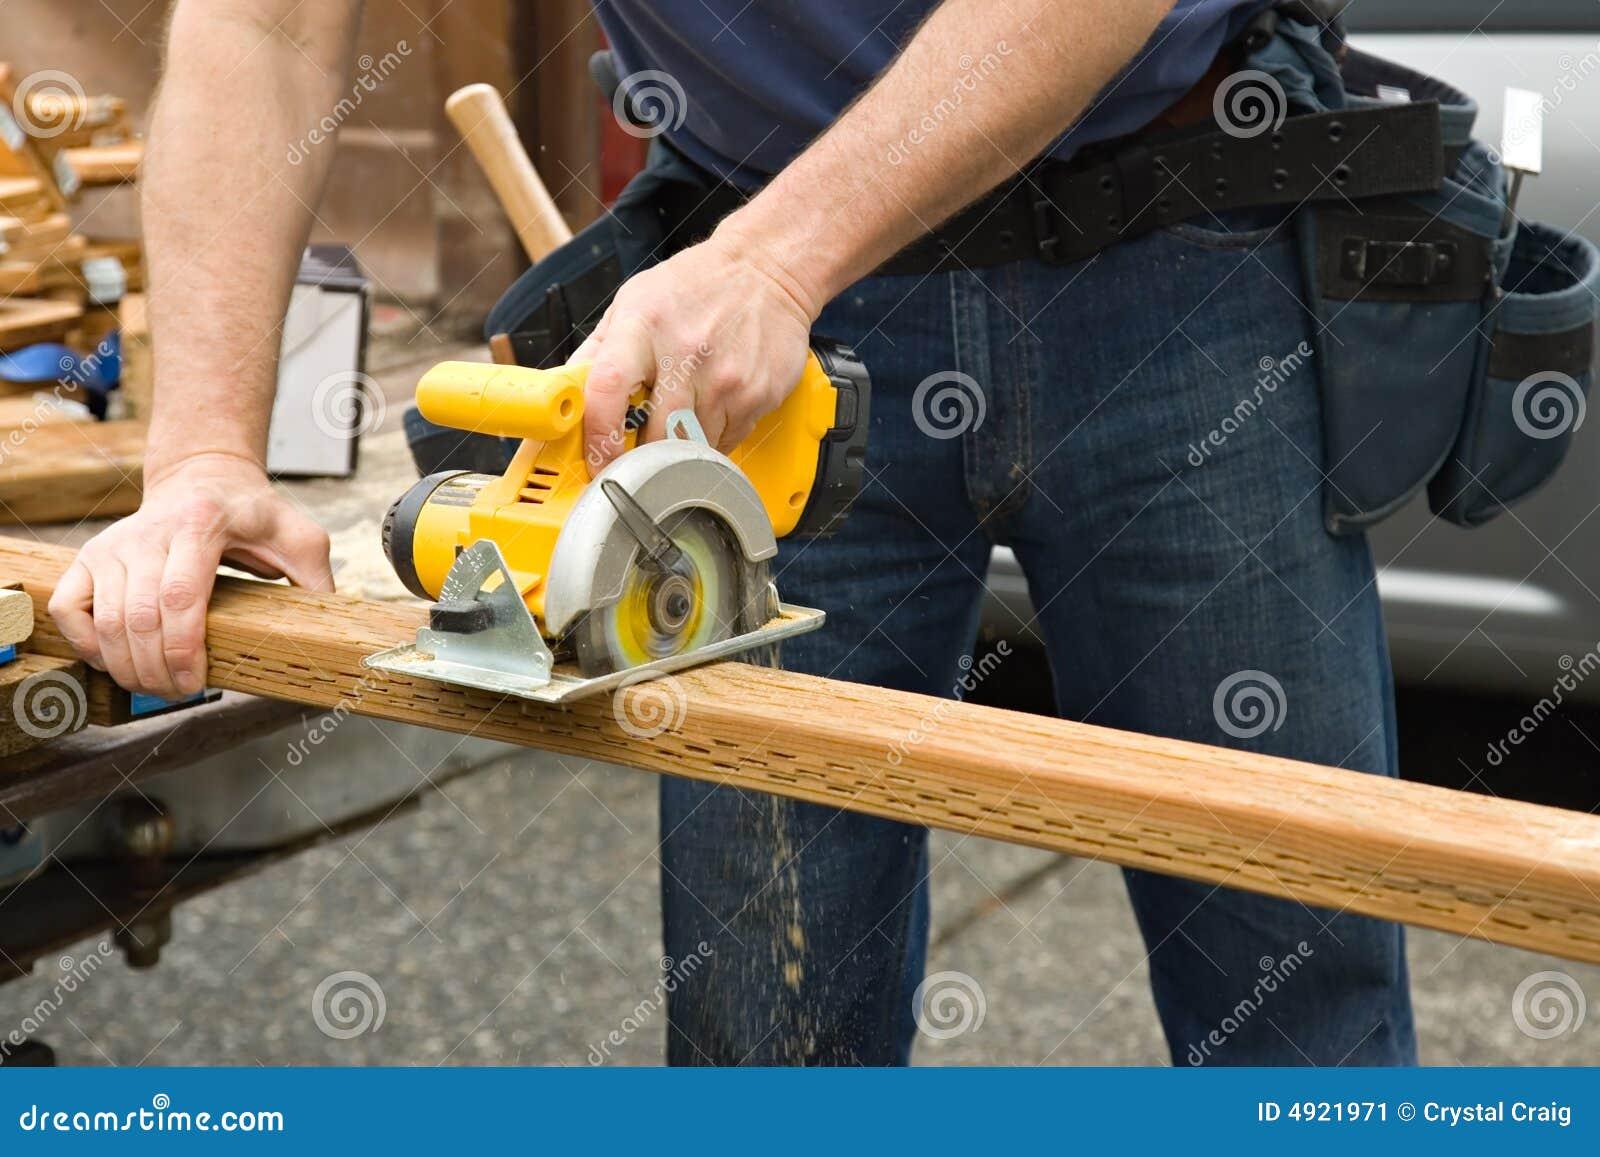 Proyectos caseros de la manitas imagen de archivo imagen - Proyectos de madera ...